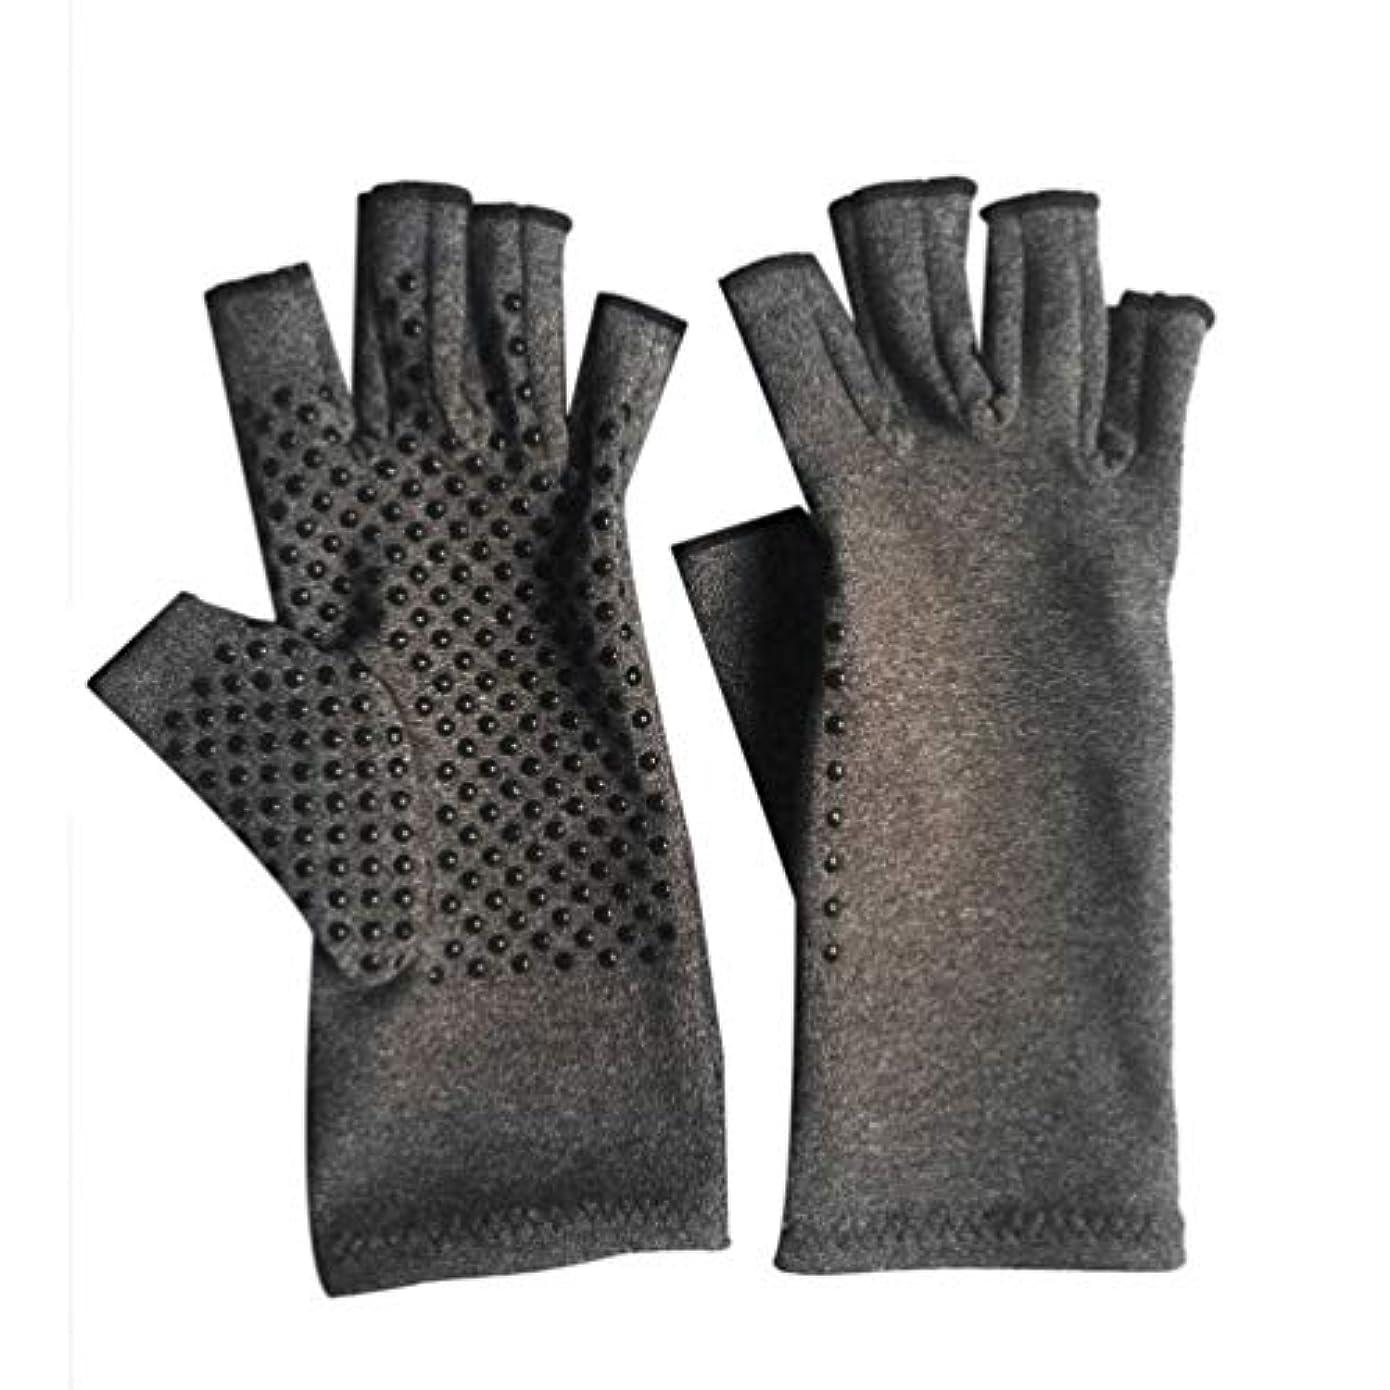 不確実再生可能受賞1ペアユニセックス男性女性療法圧縮手袋関節炎関節痛緩和ヘルスケア半指手袋トレーニング手袋 - グレーM